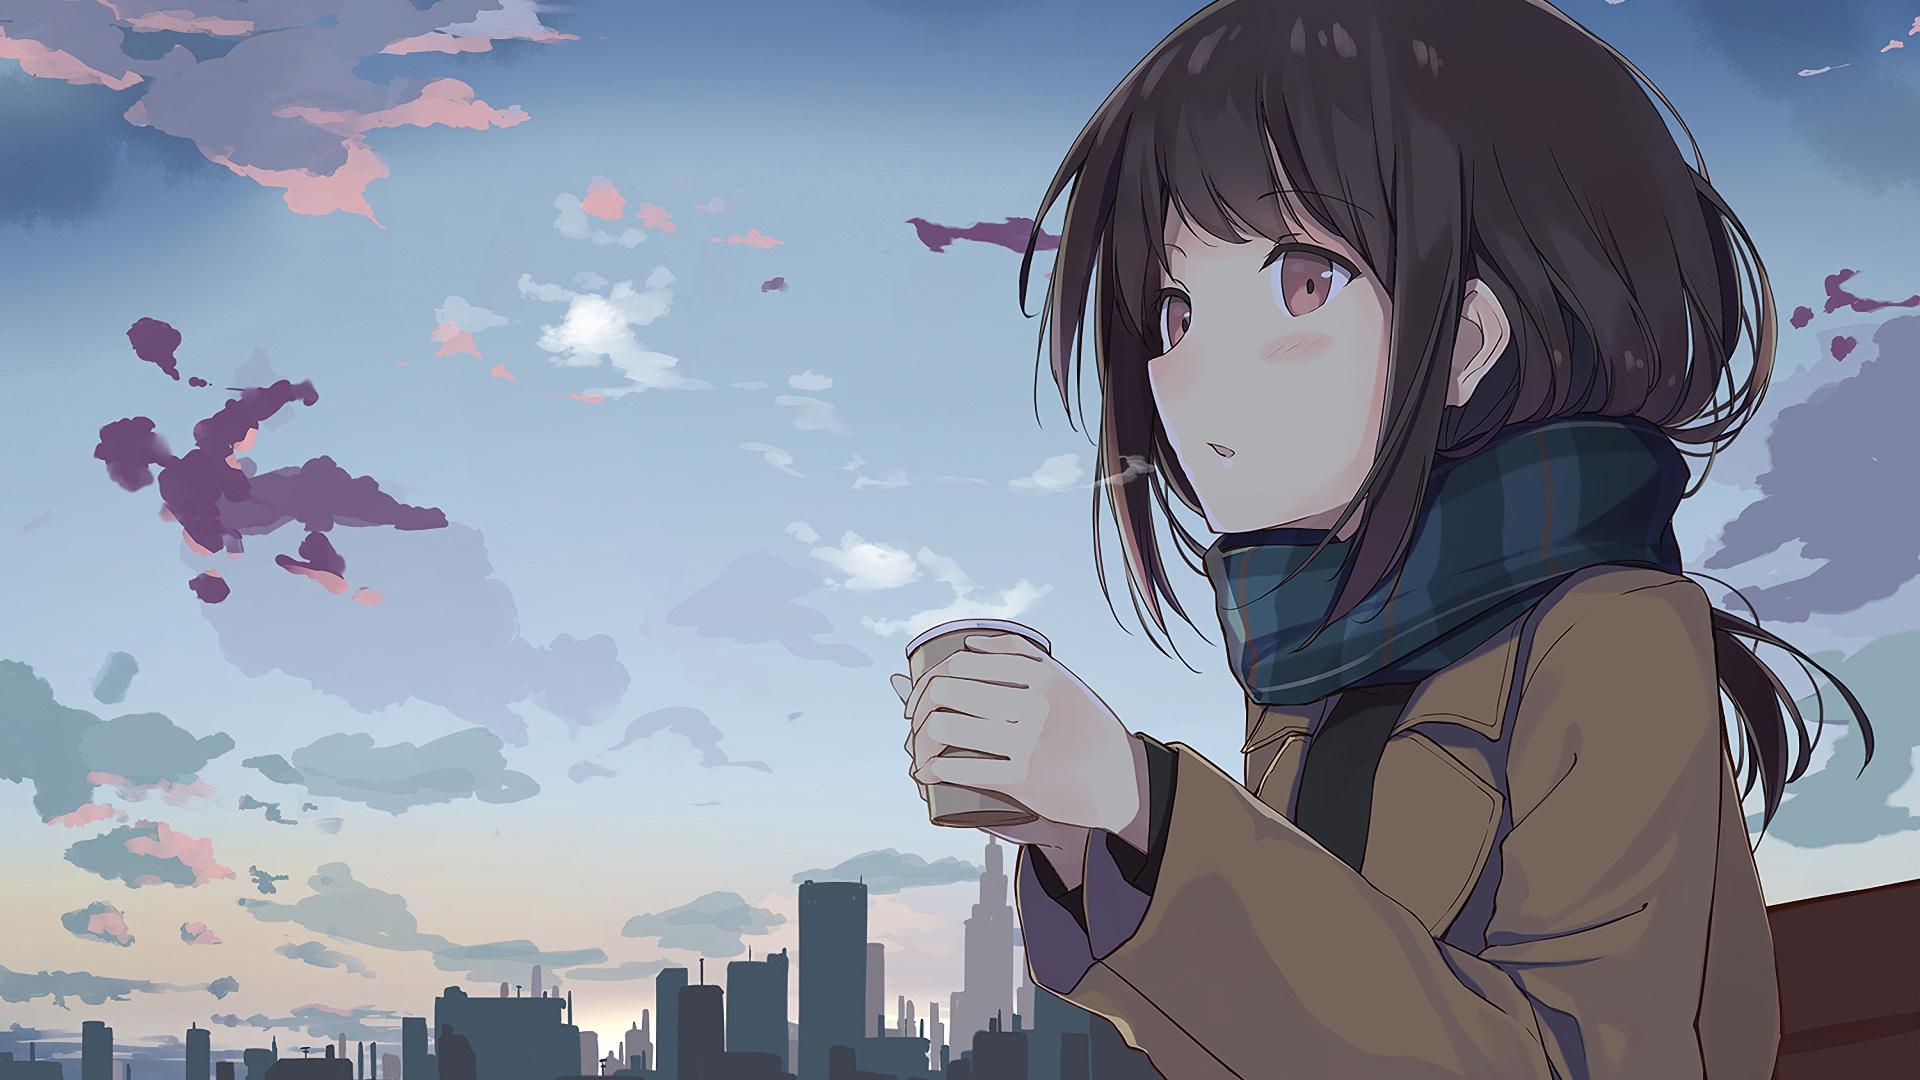 Anime 4k Wallpaper: 1920x1080 Anime Girl Holding Tea Outside Laptop Full HD